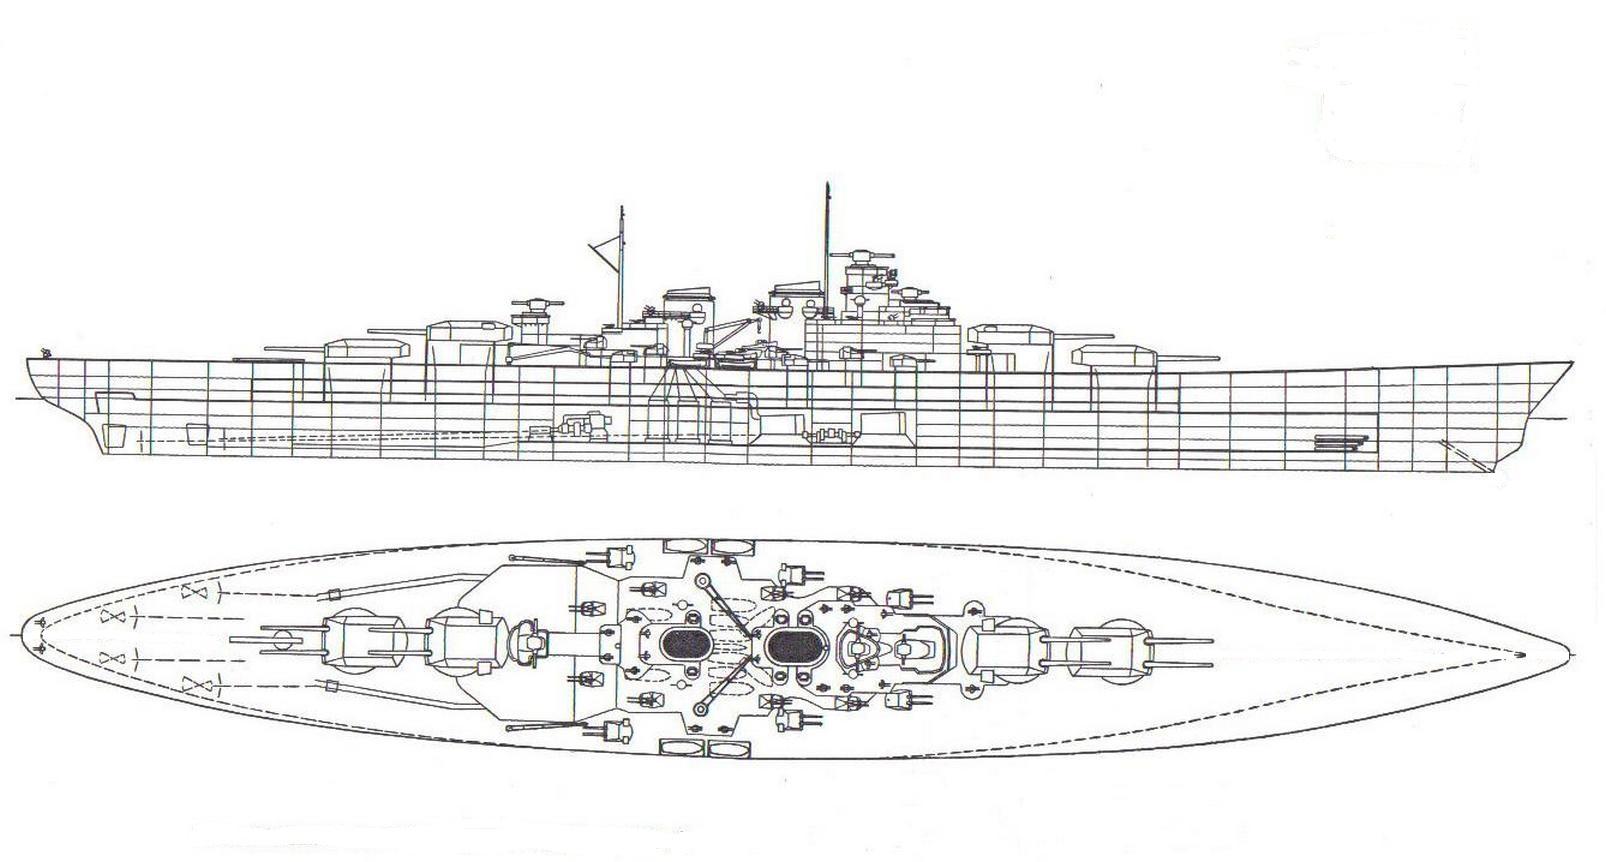 A H-44 hosszmetszete és felülnézete.